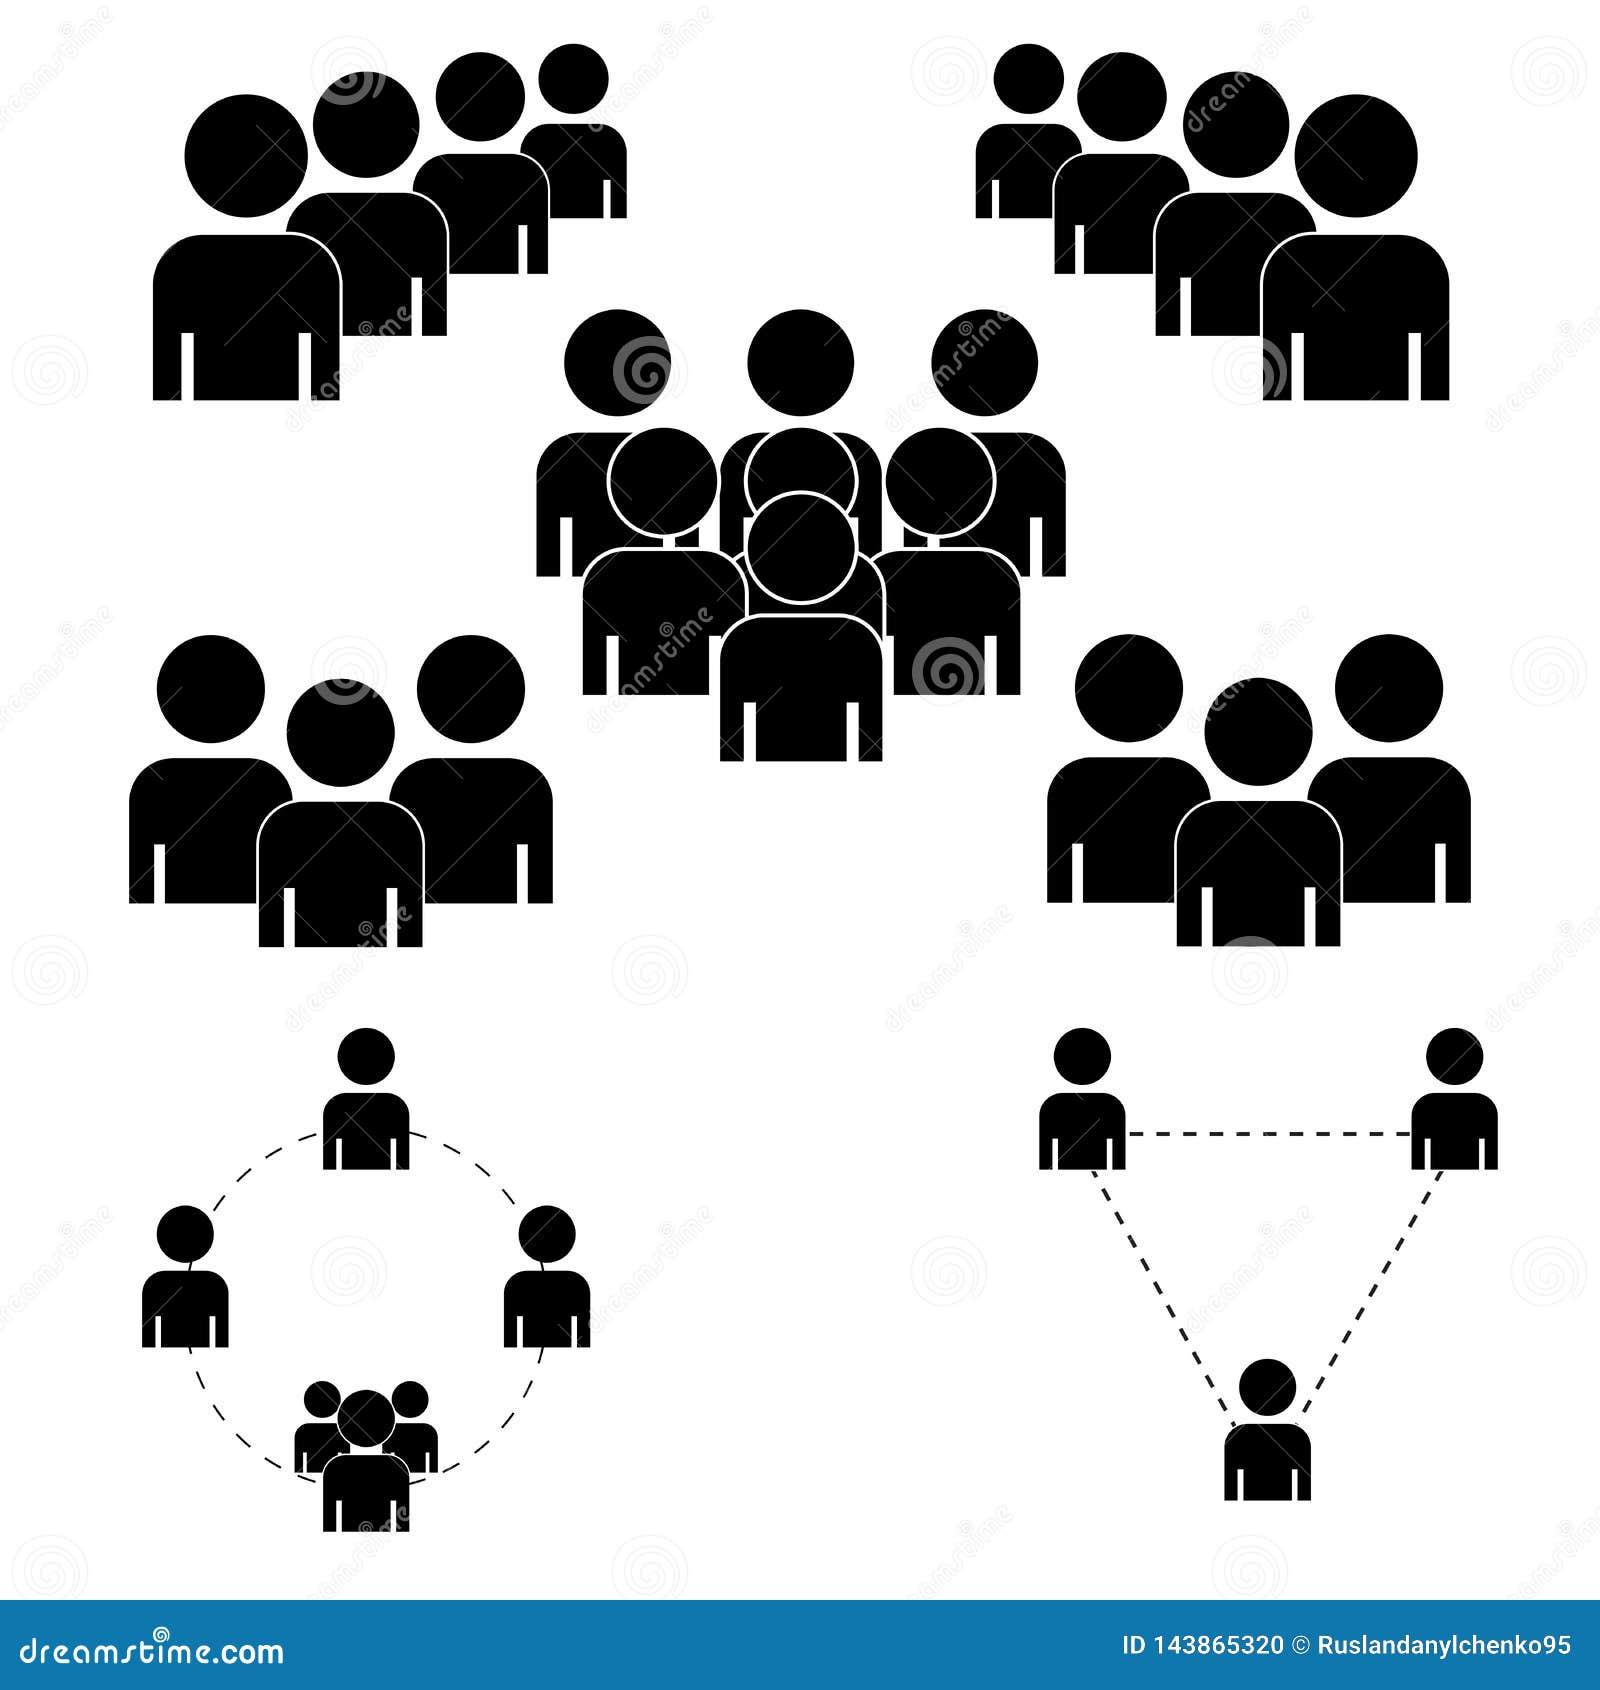 En grupp människor eller grupper av användare Plan symbol för vänvektor för applikationer och websites Svarta symboler på en vit